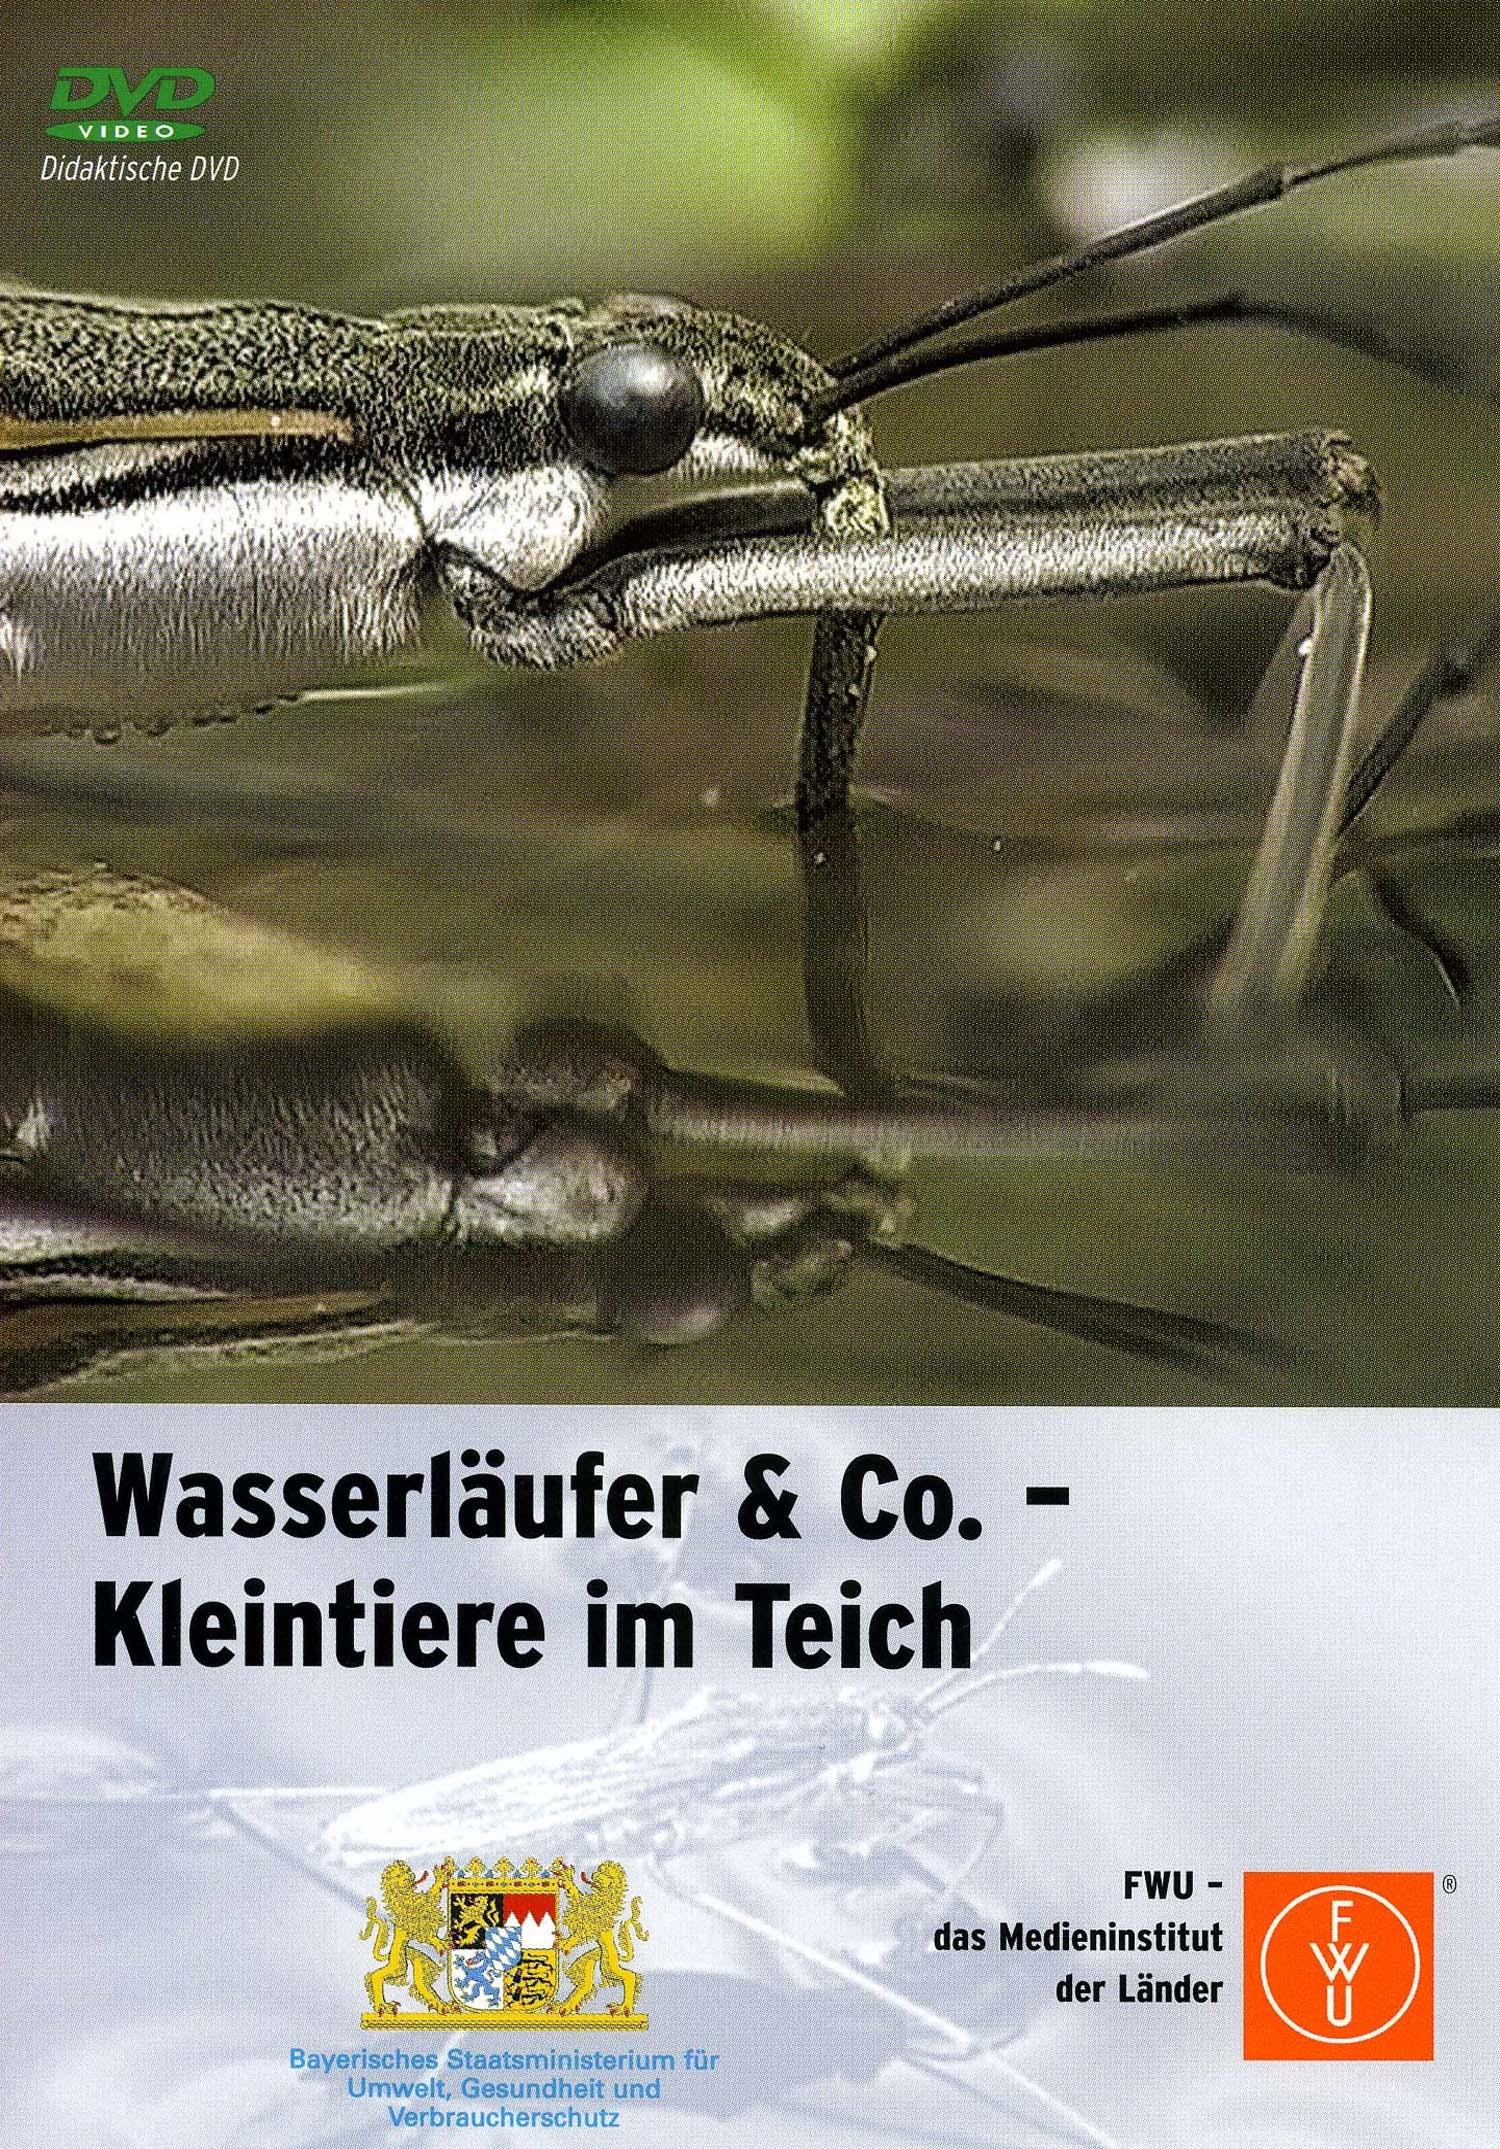 Wasserläufer & Co. - Kleintiere im Teich